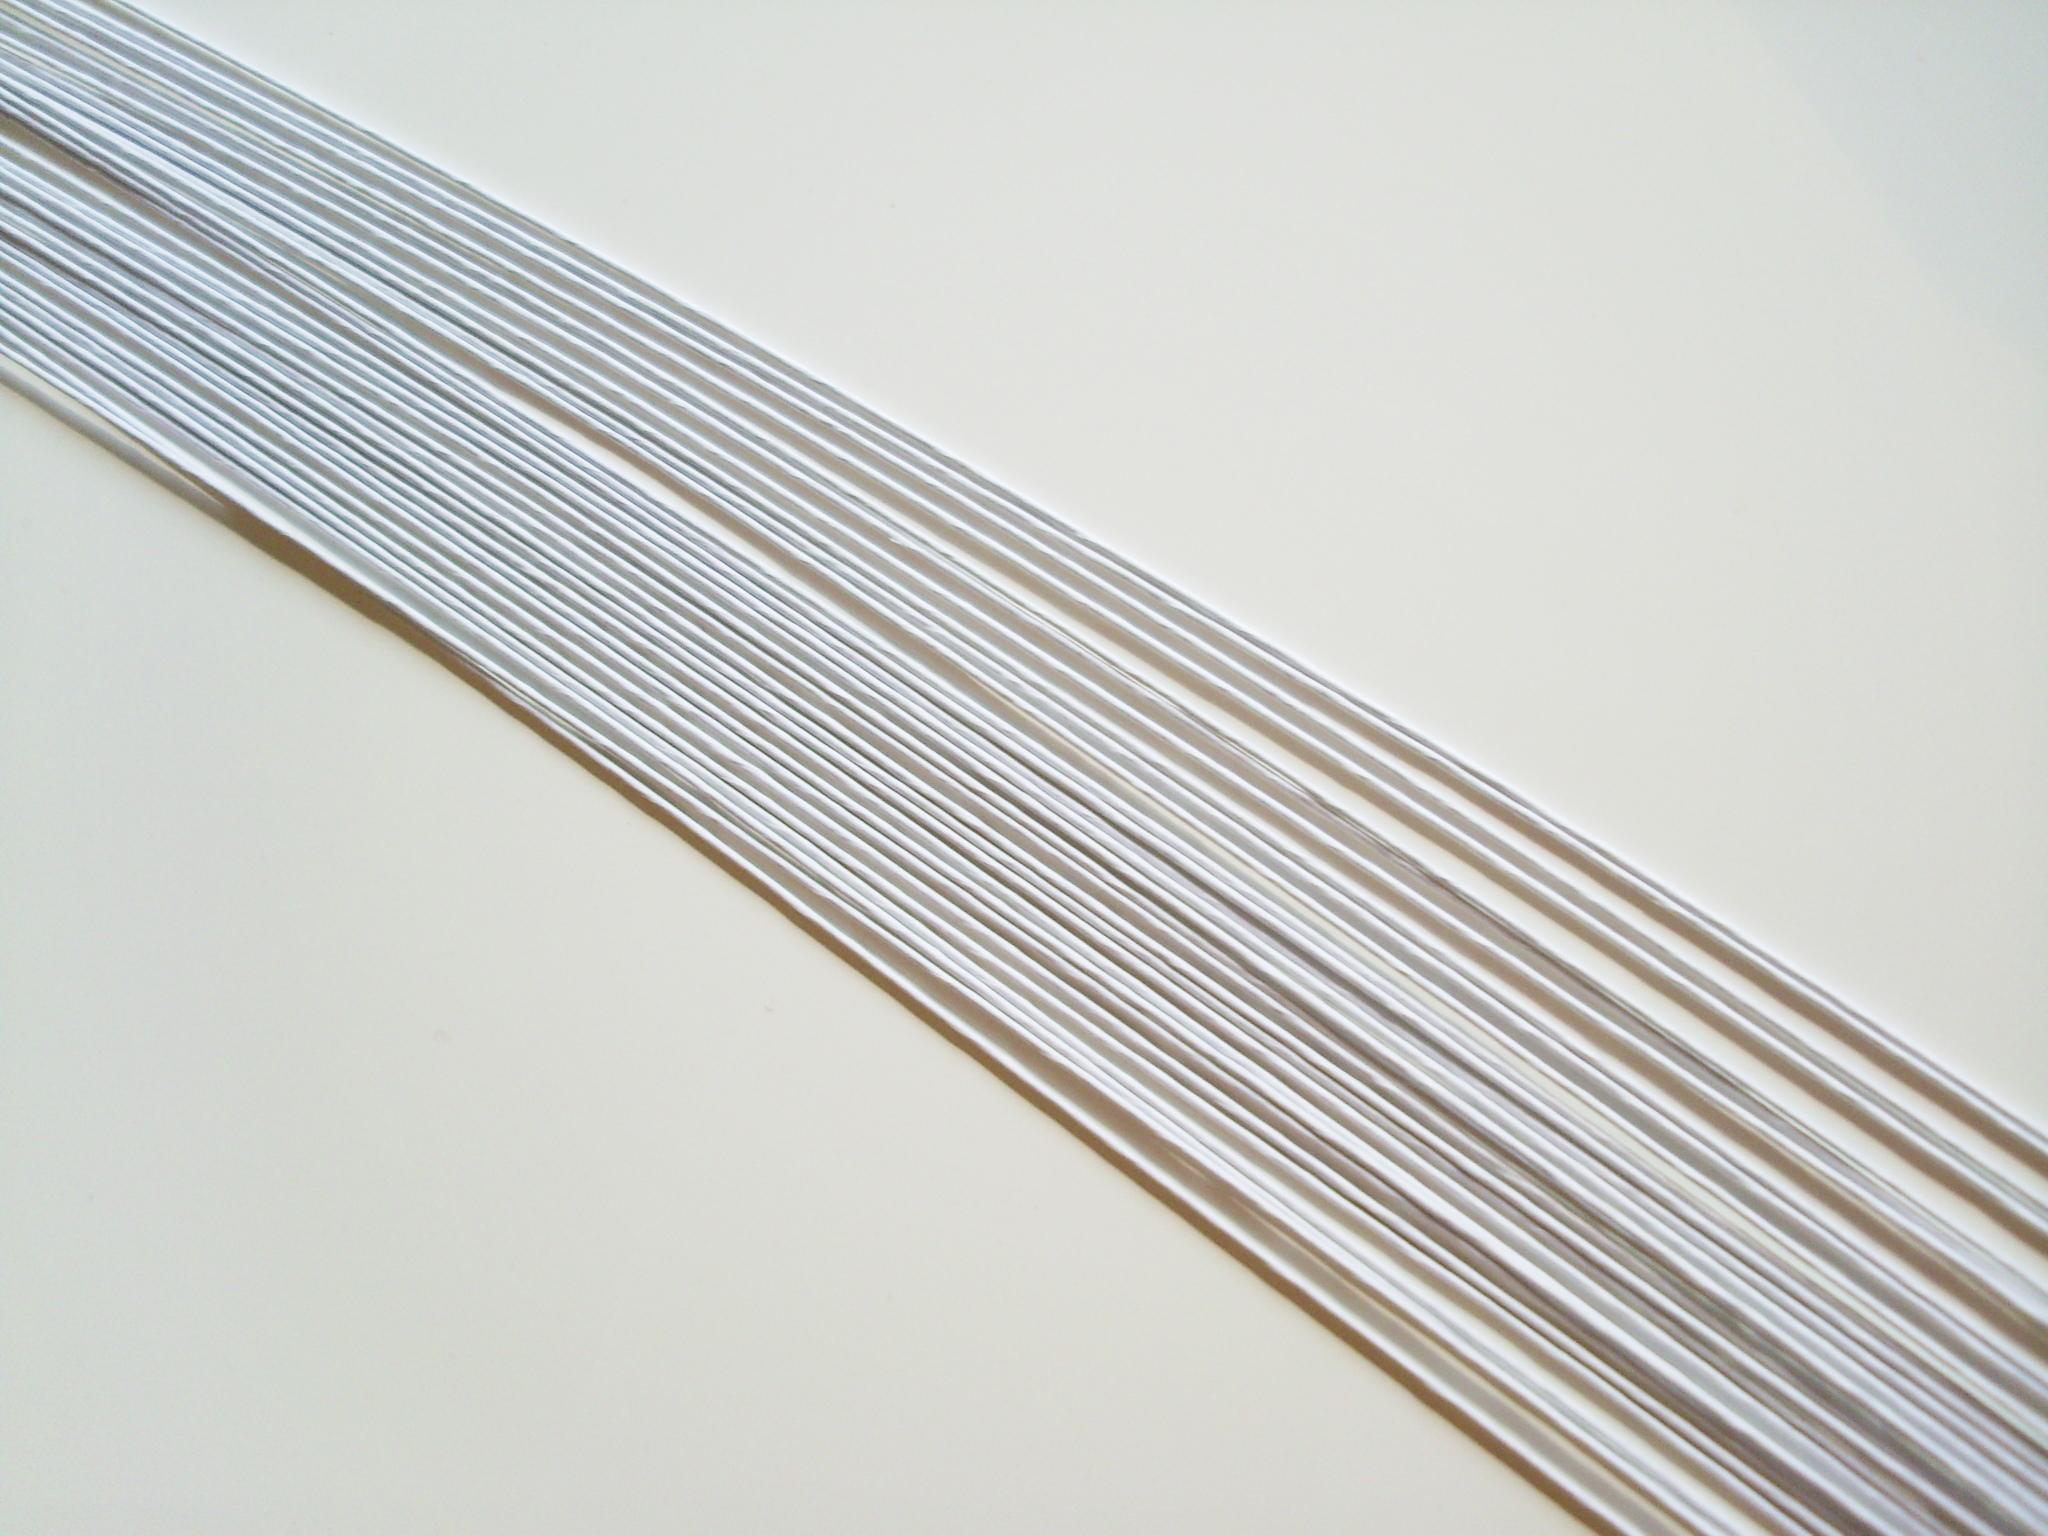 Blumendraht 30 gauge Weiß